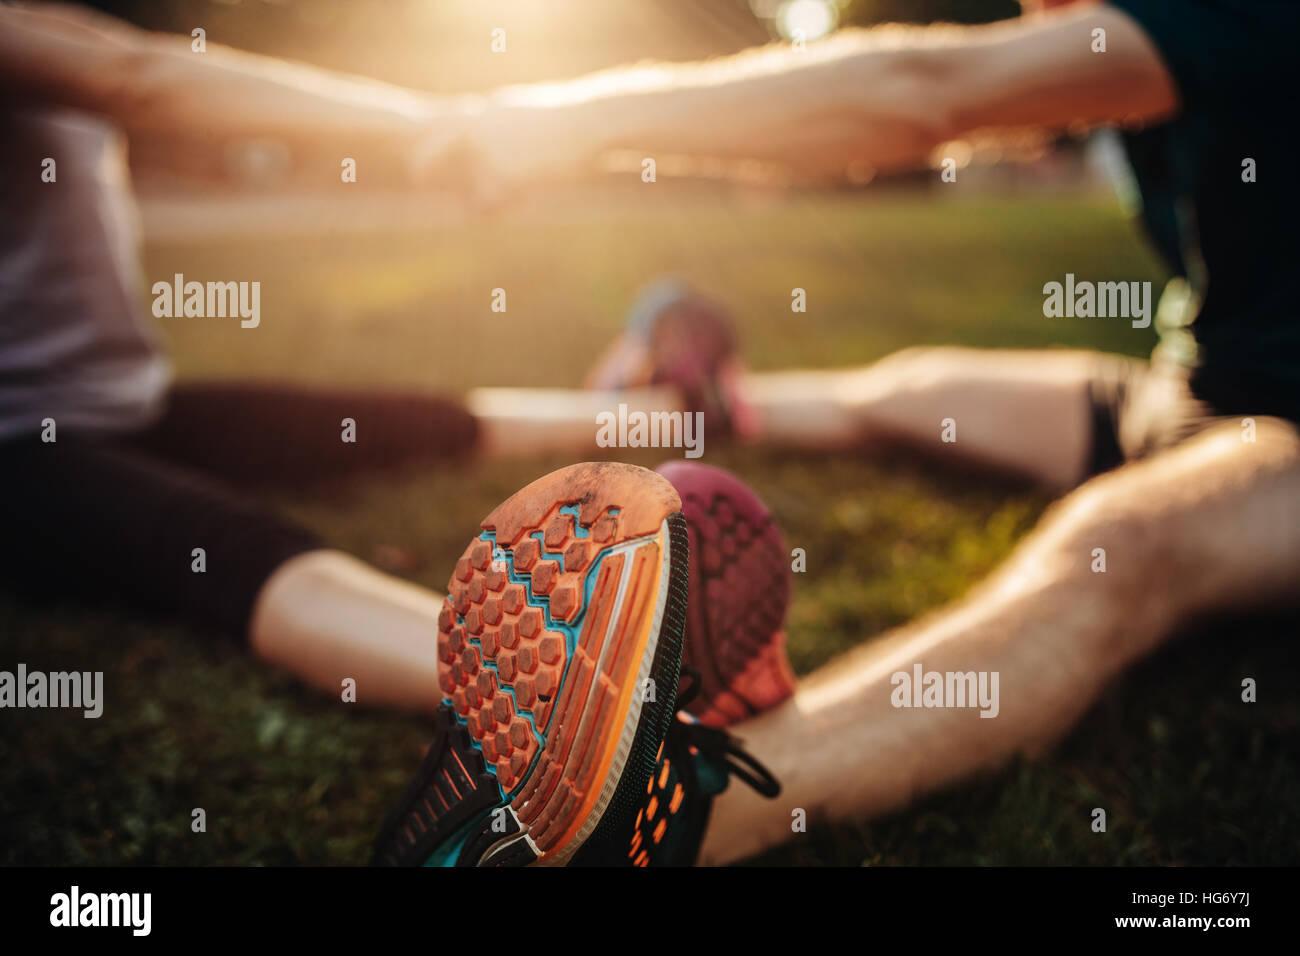 Los pies del hombre y a la mujer ejercer juntos en el parque. Se centran en los zapatos de la pareja trabajando Imagen De Stock